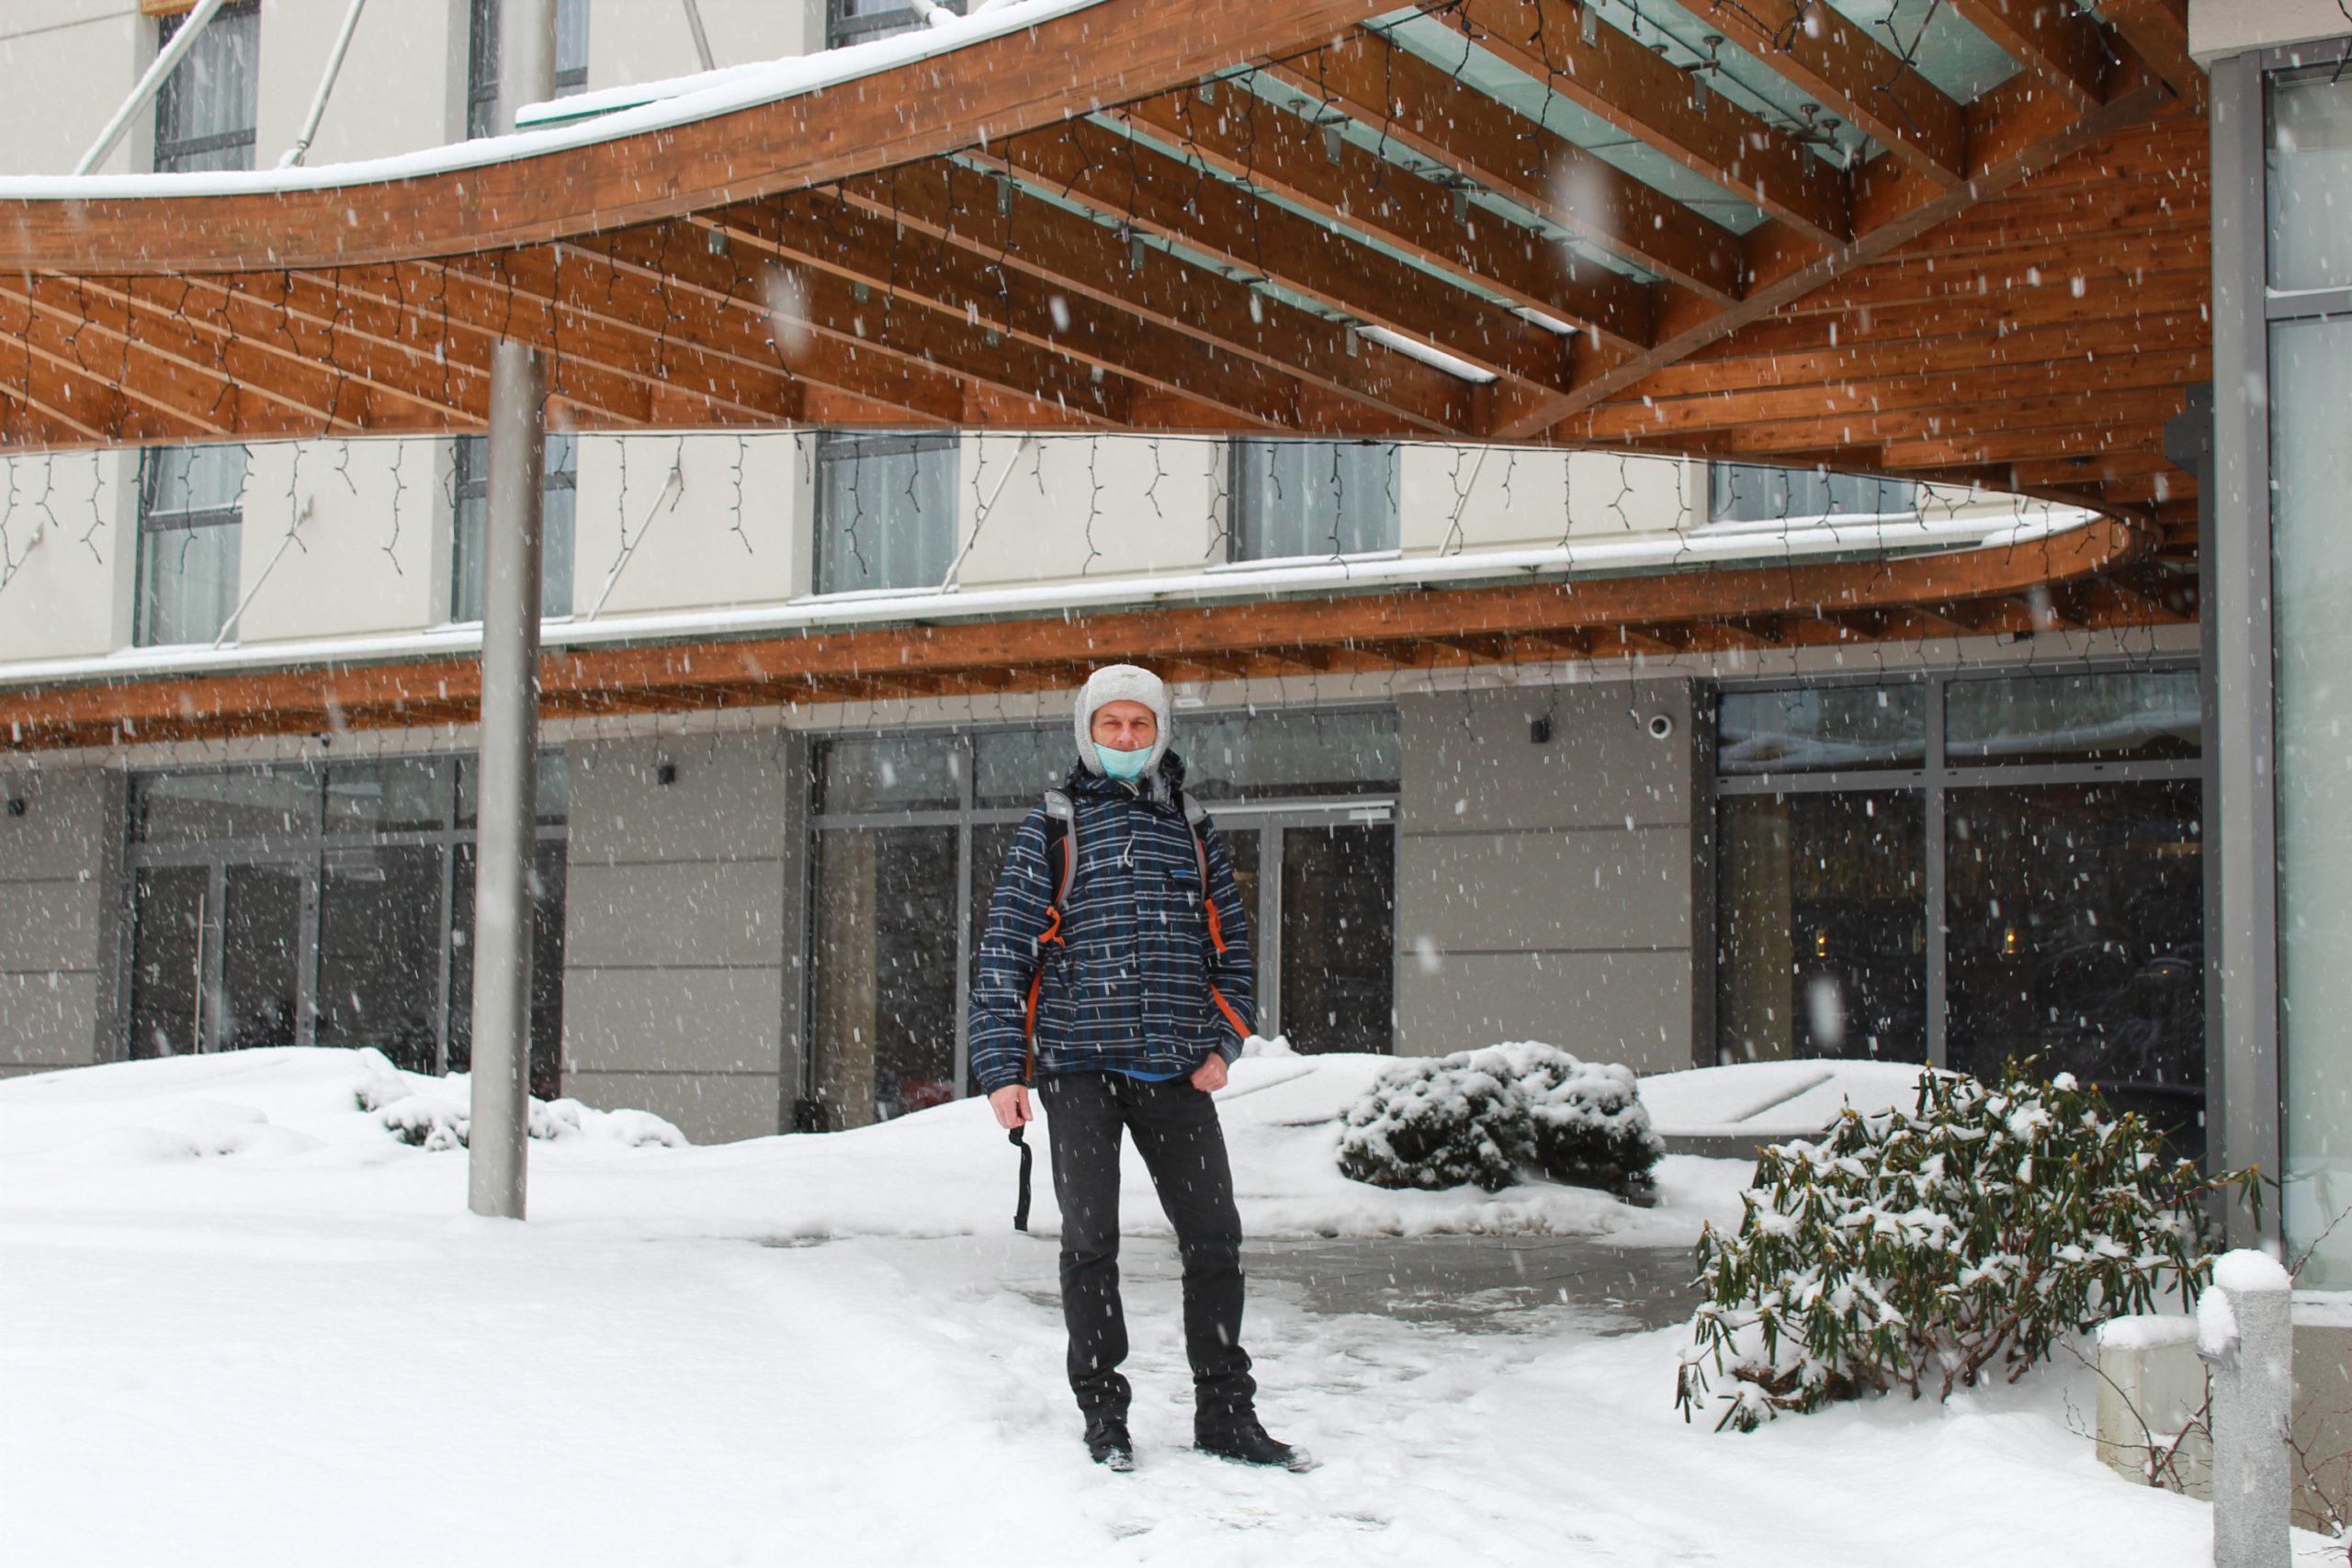 mężczyzna w zimowym ubraniu przed wejściem do hotelu, pada śnieg